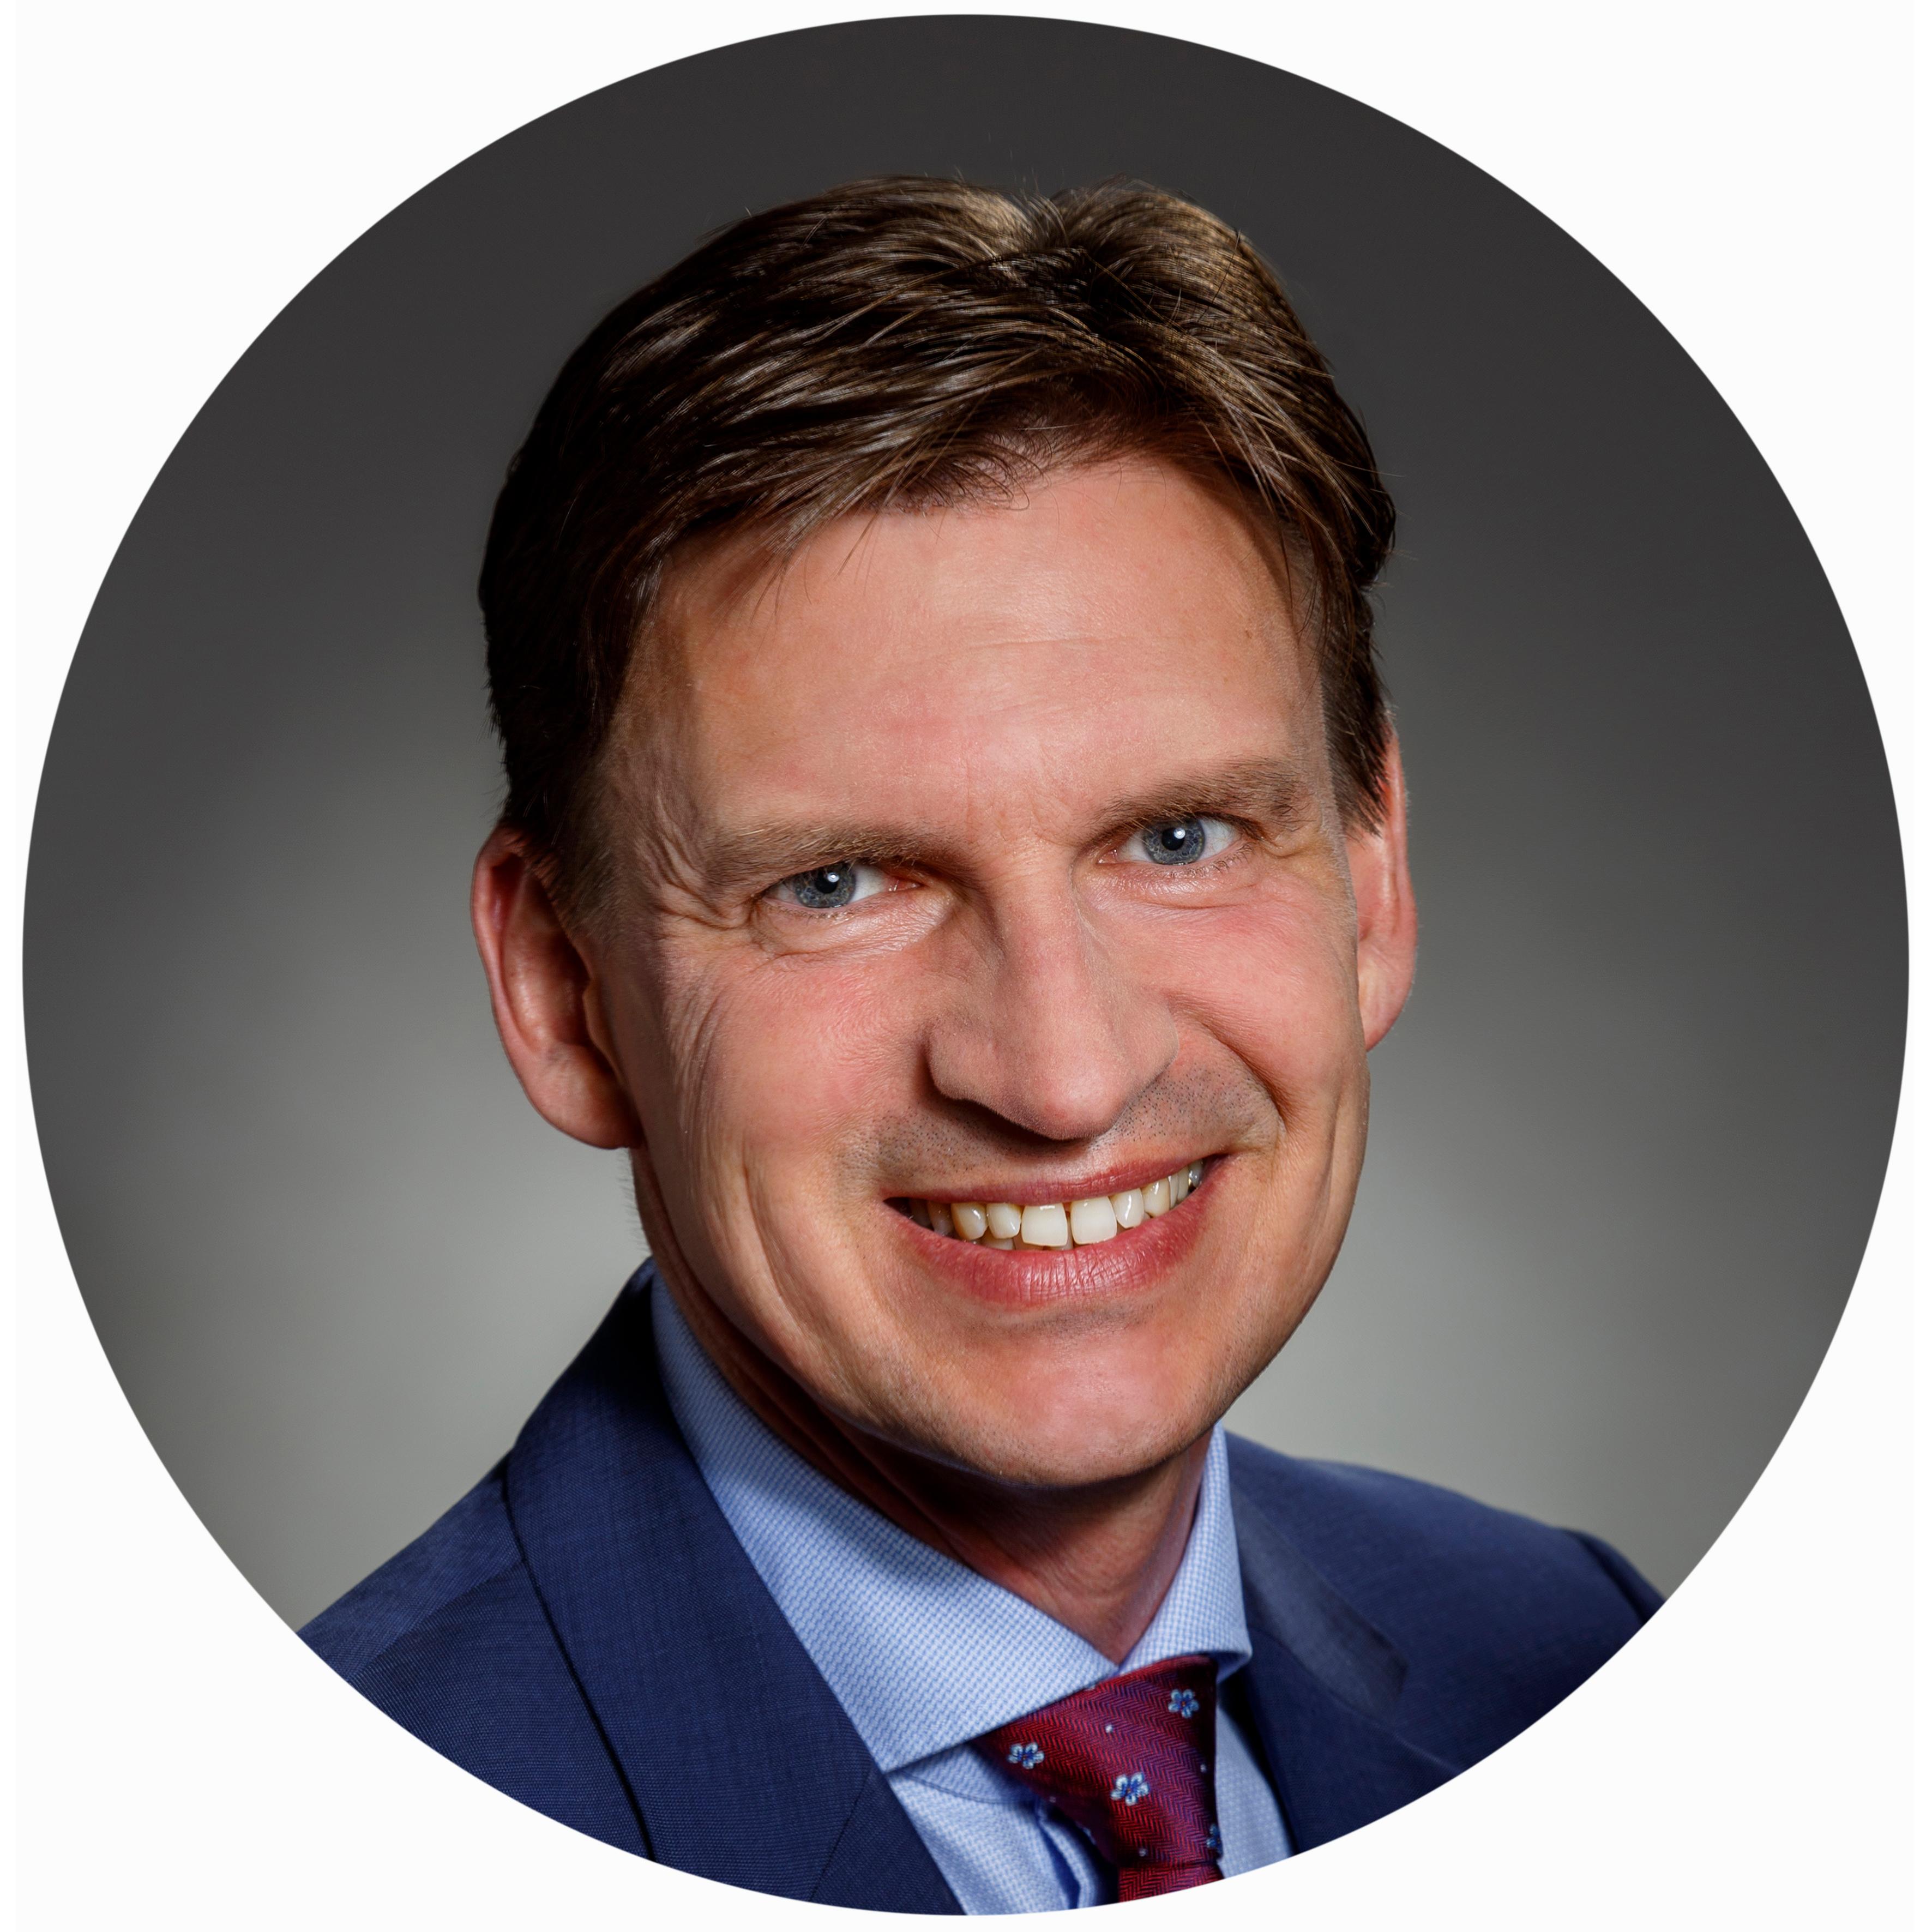 Christian Schnelle